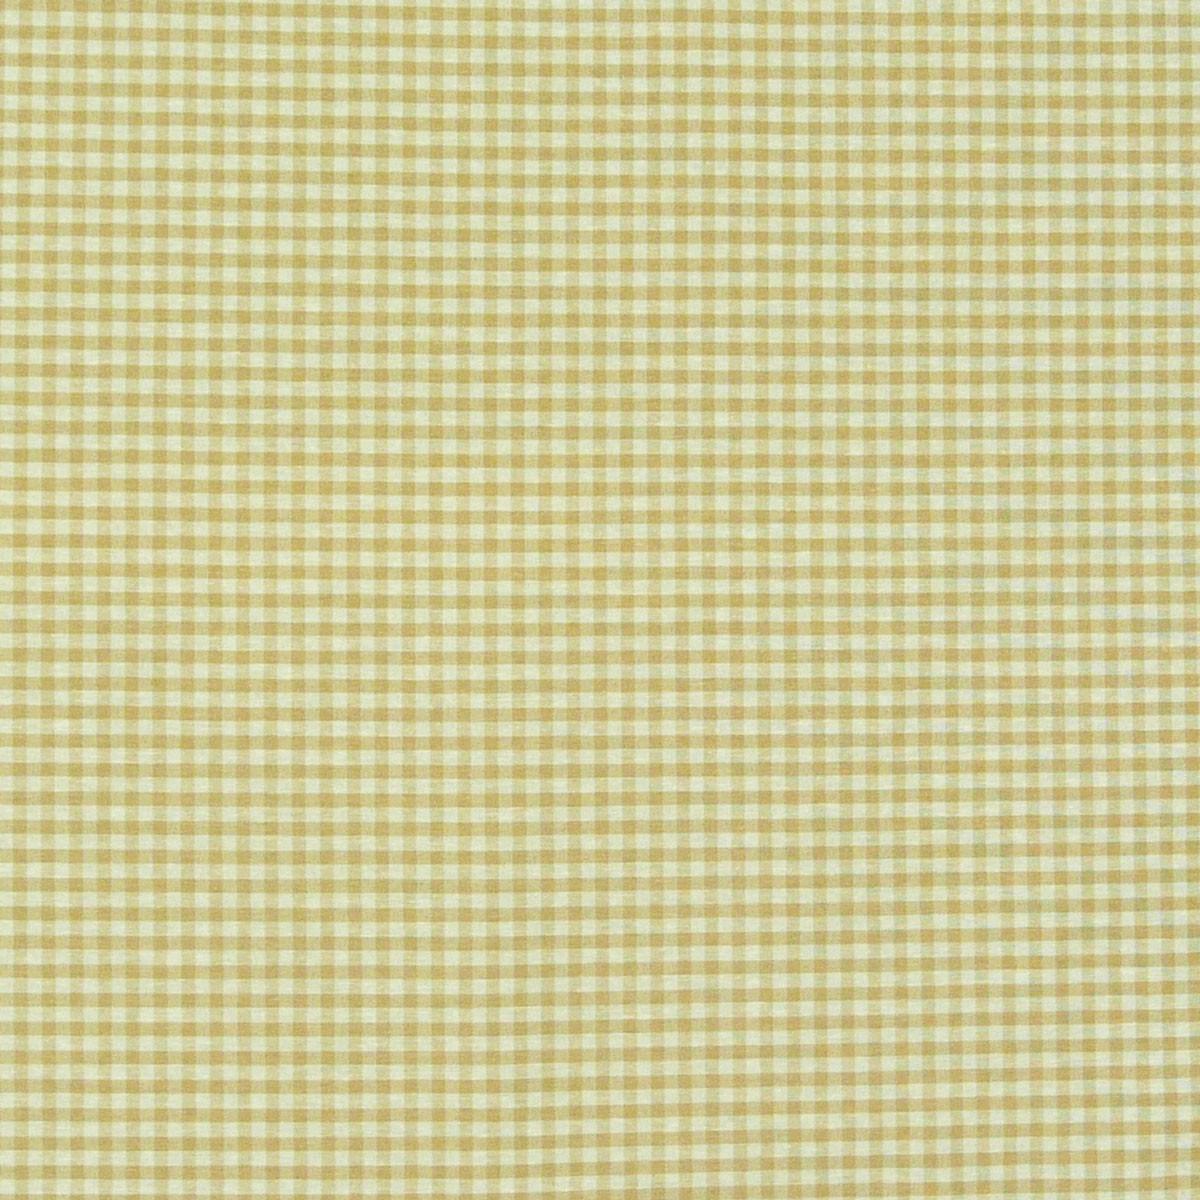 gardinenstoff stoff dekostoff meterware kariert beige wei stoffe wohnstoffe dekostoffe. Black Bedroom Furniture Sets. Home Design Ideas